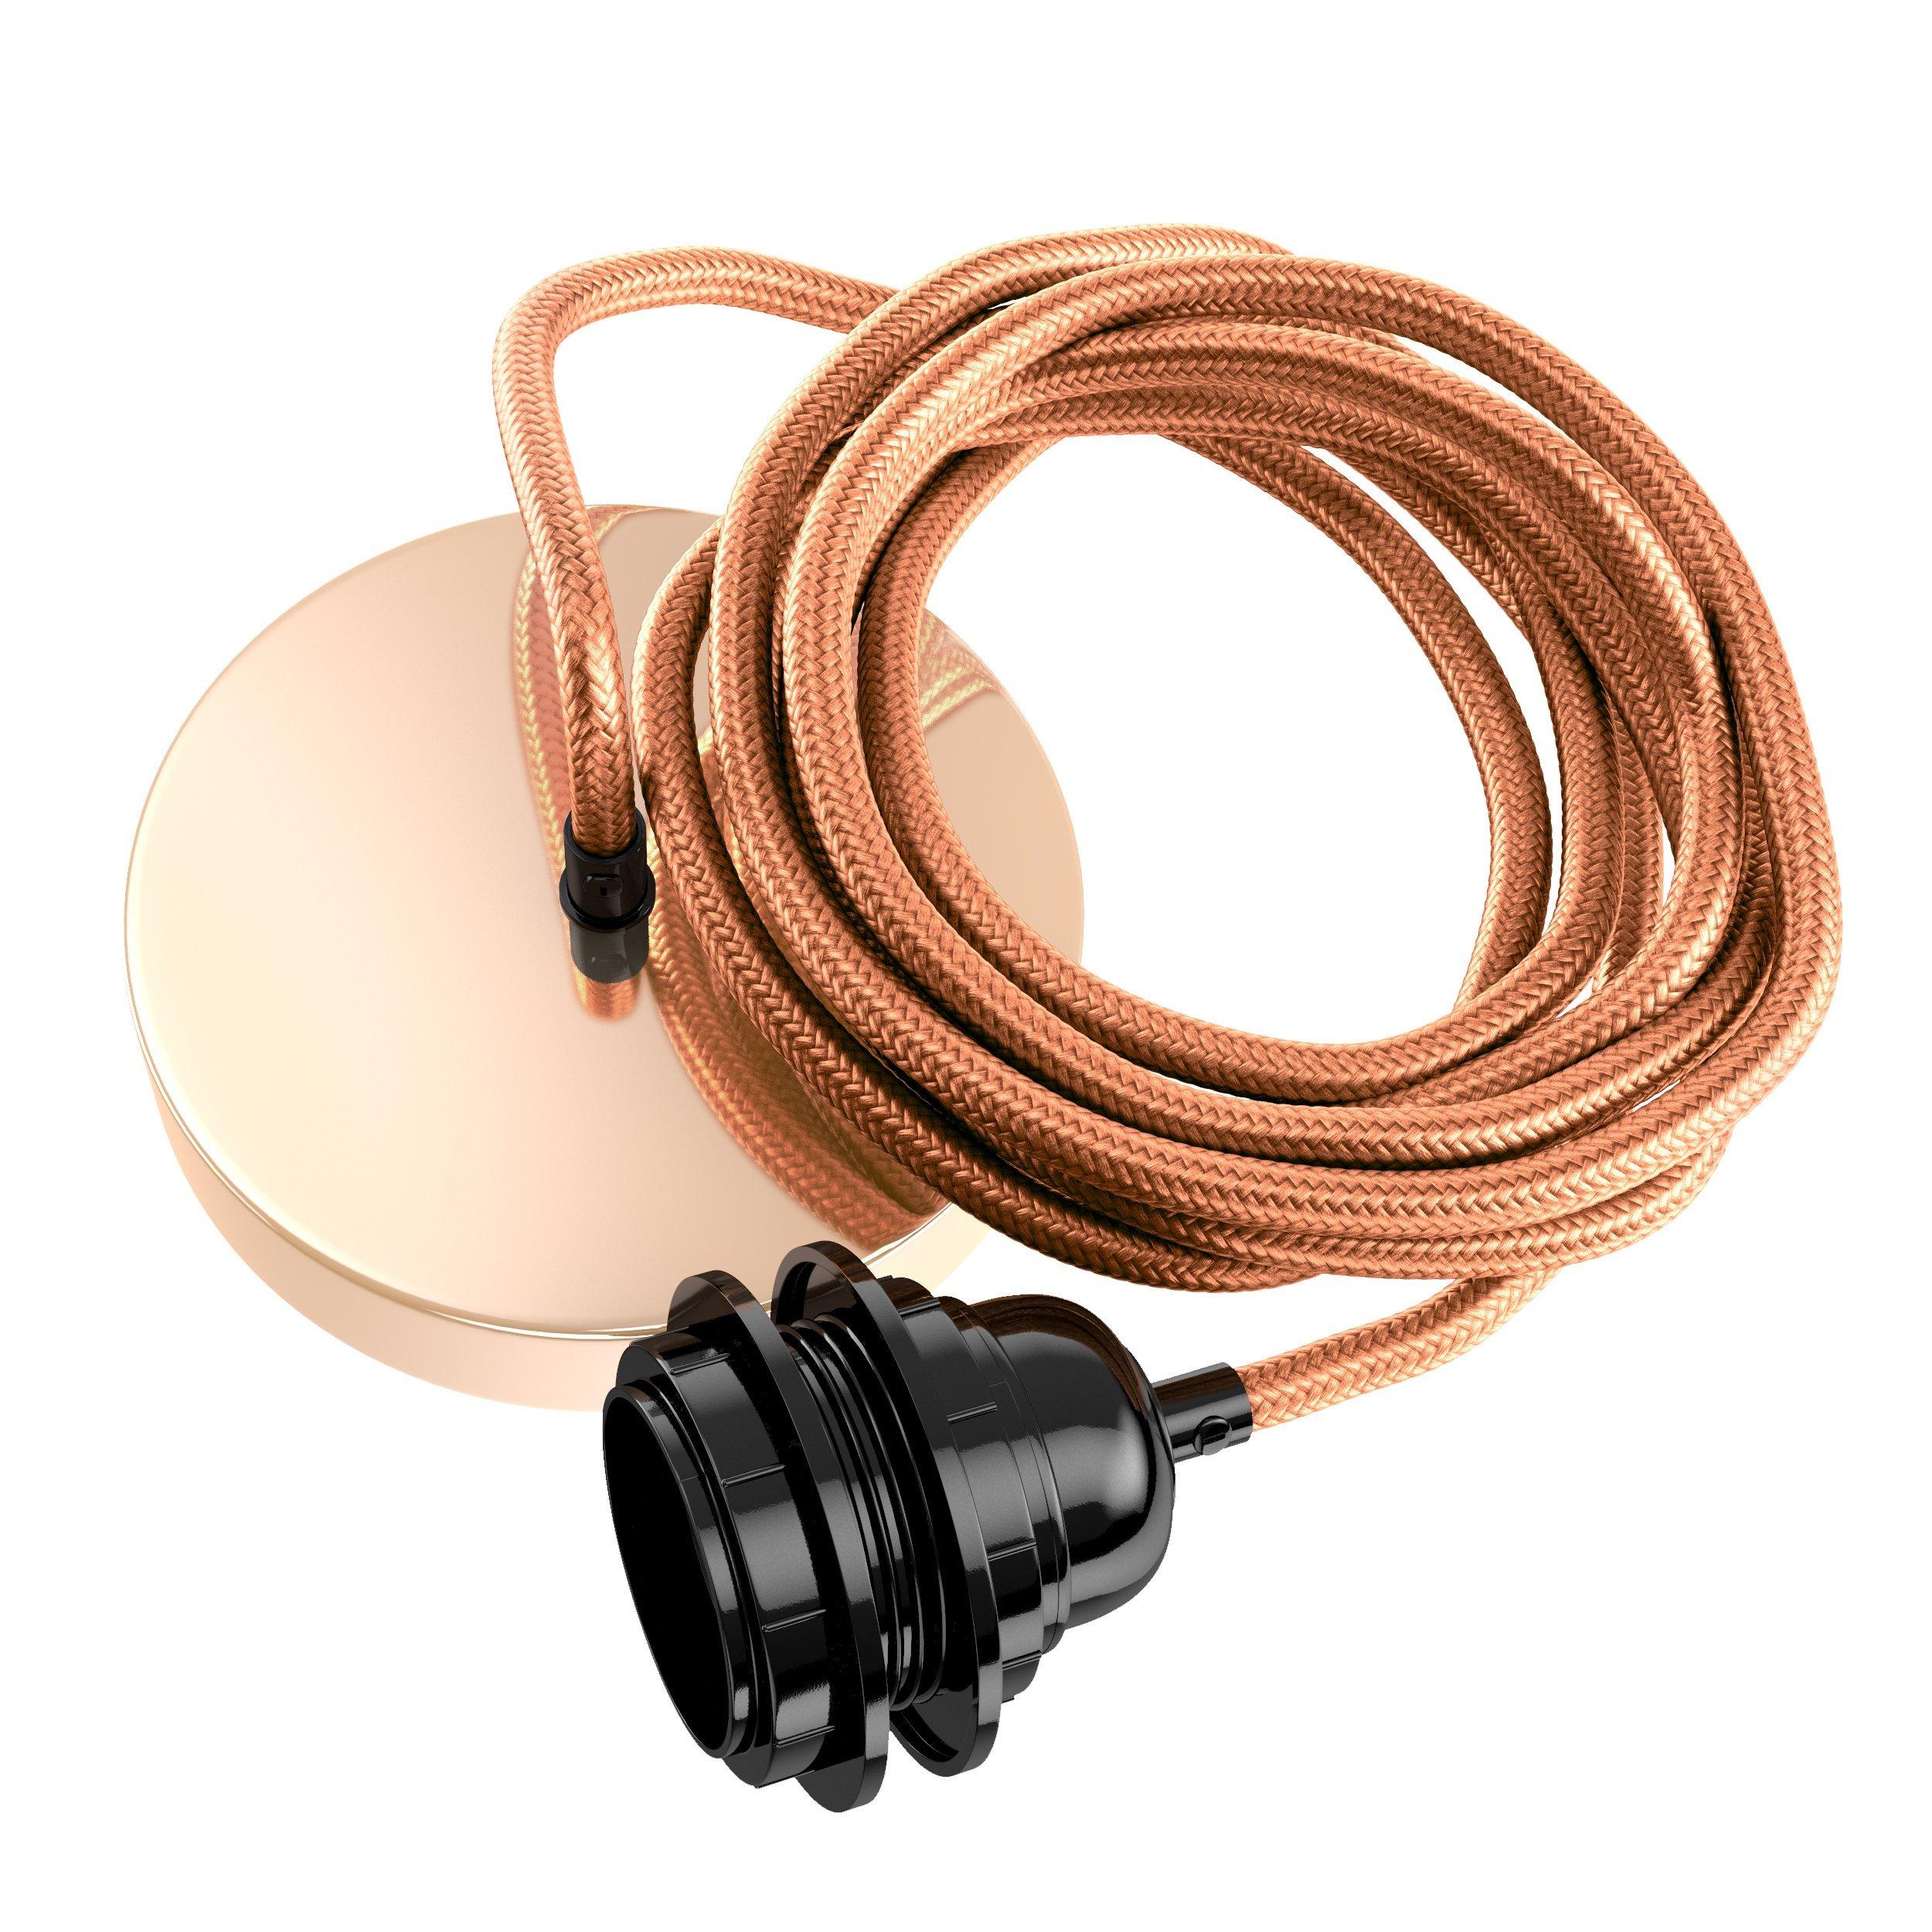 Suspension 1 fil électrique en tissu cuivre 2,5m douille noire